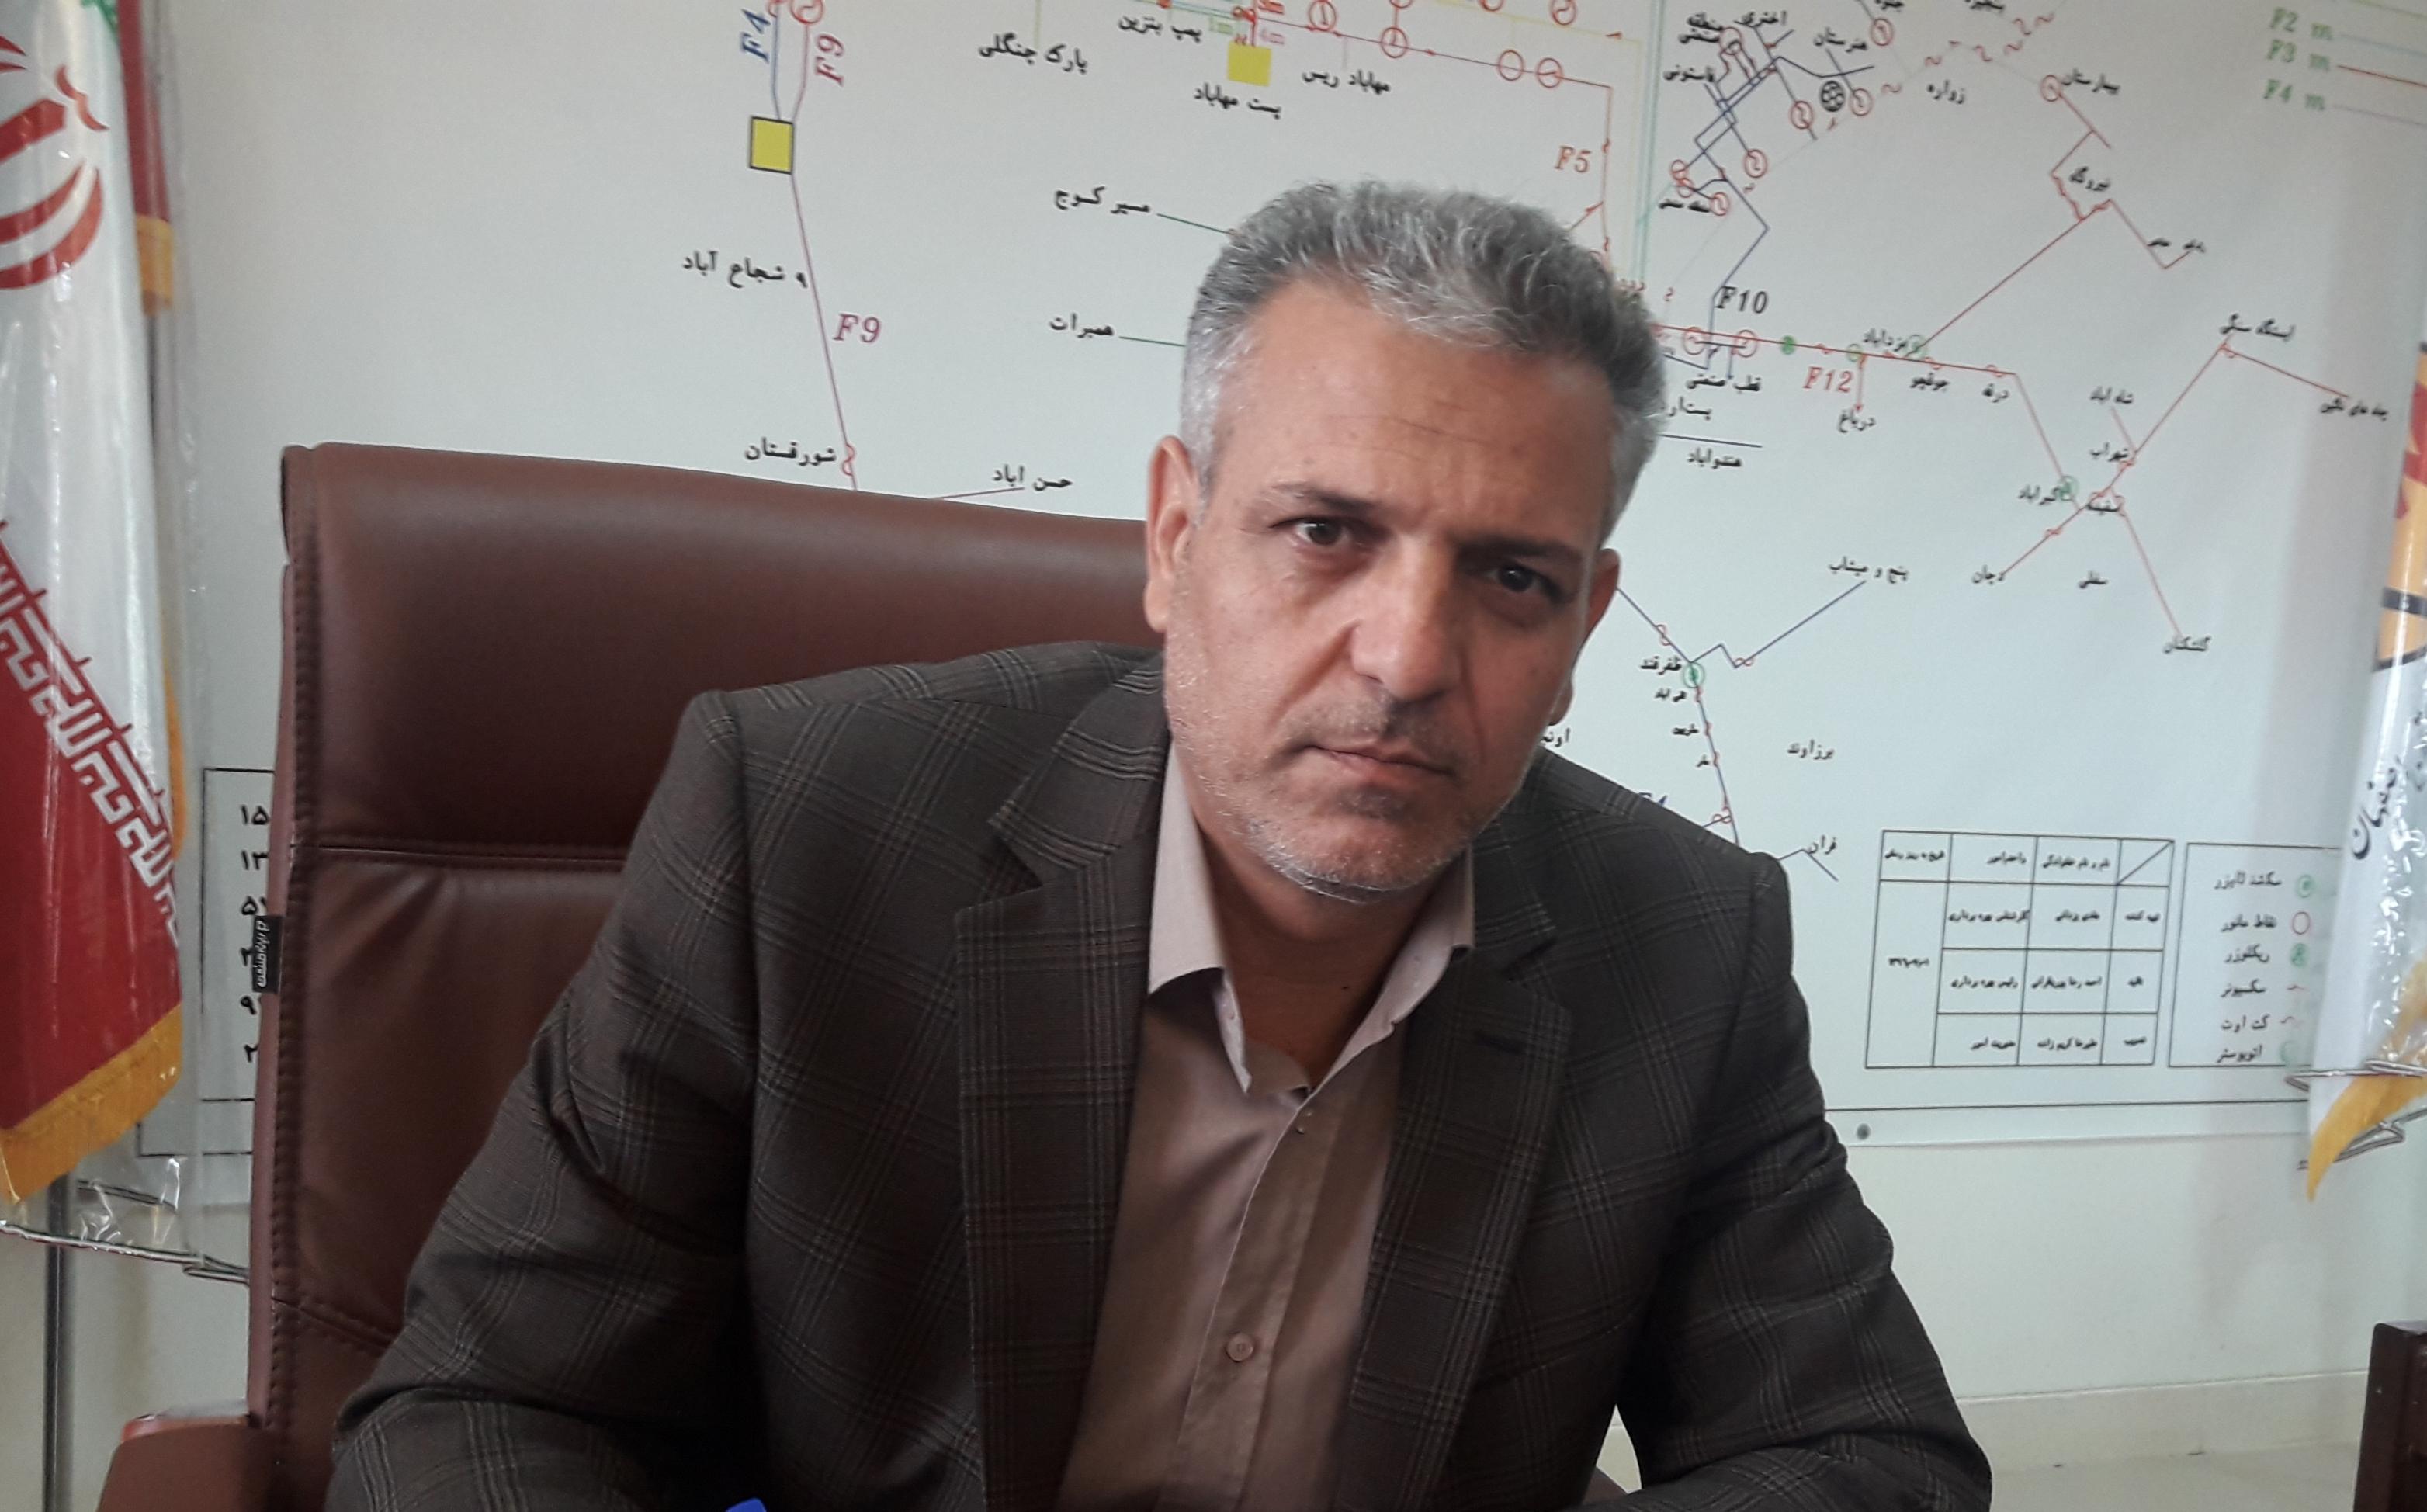 شهرستان اردستان روستای بدون برق ندارد